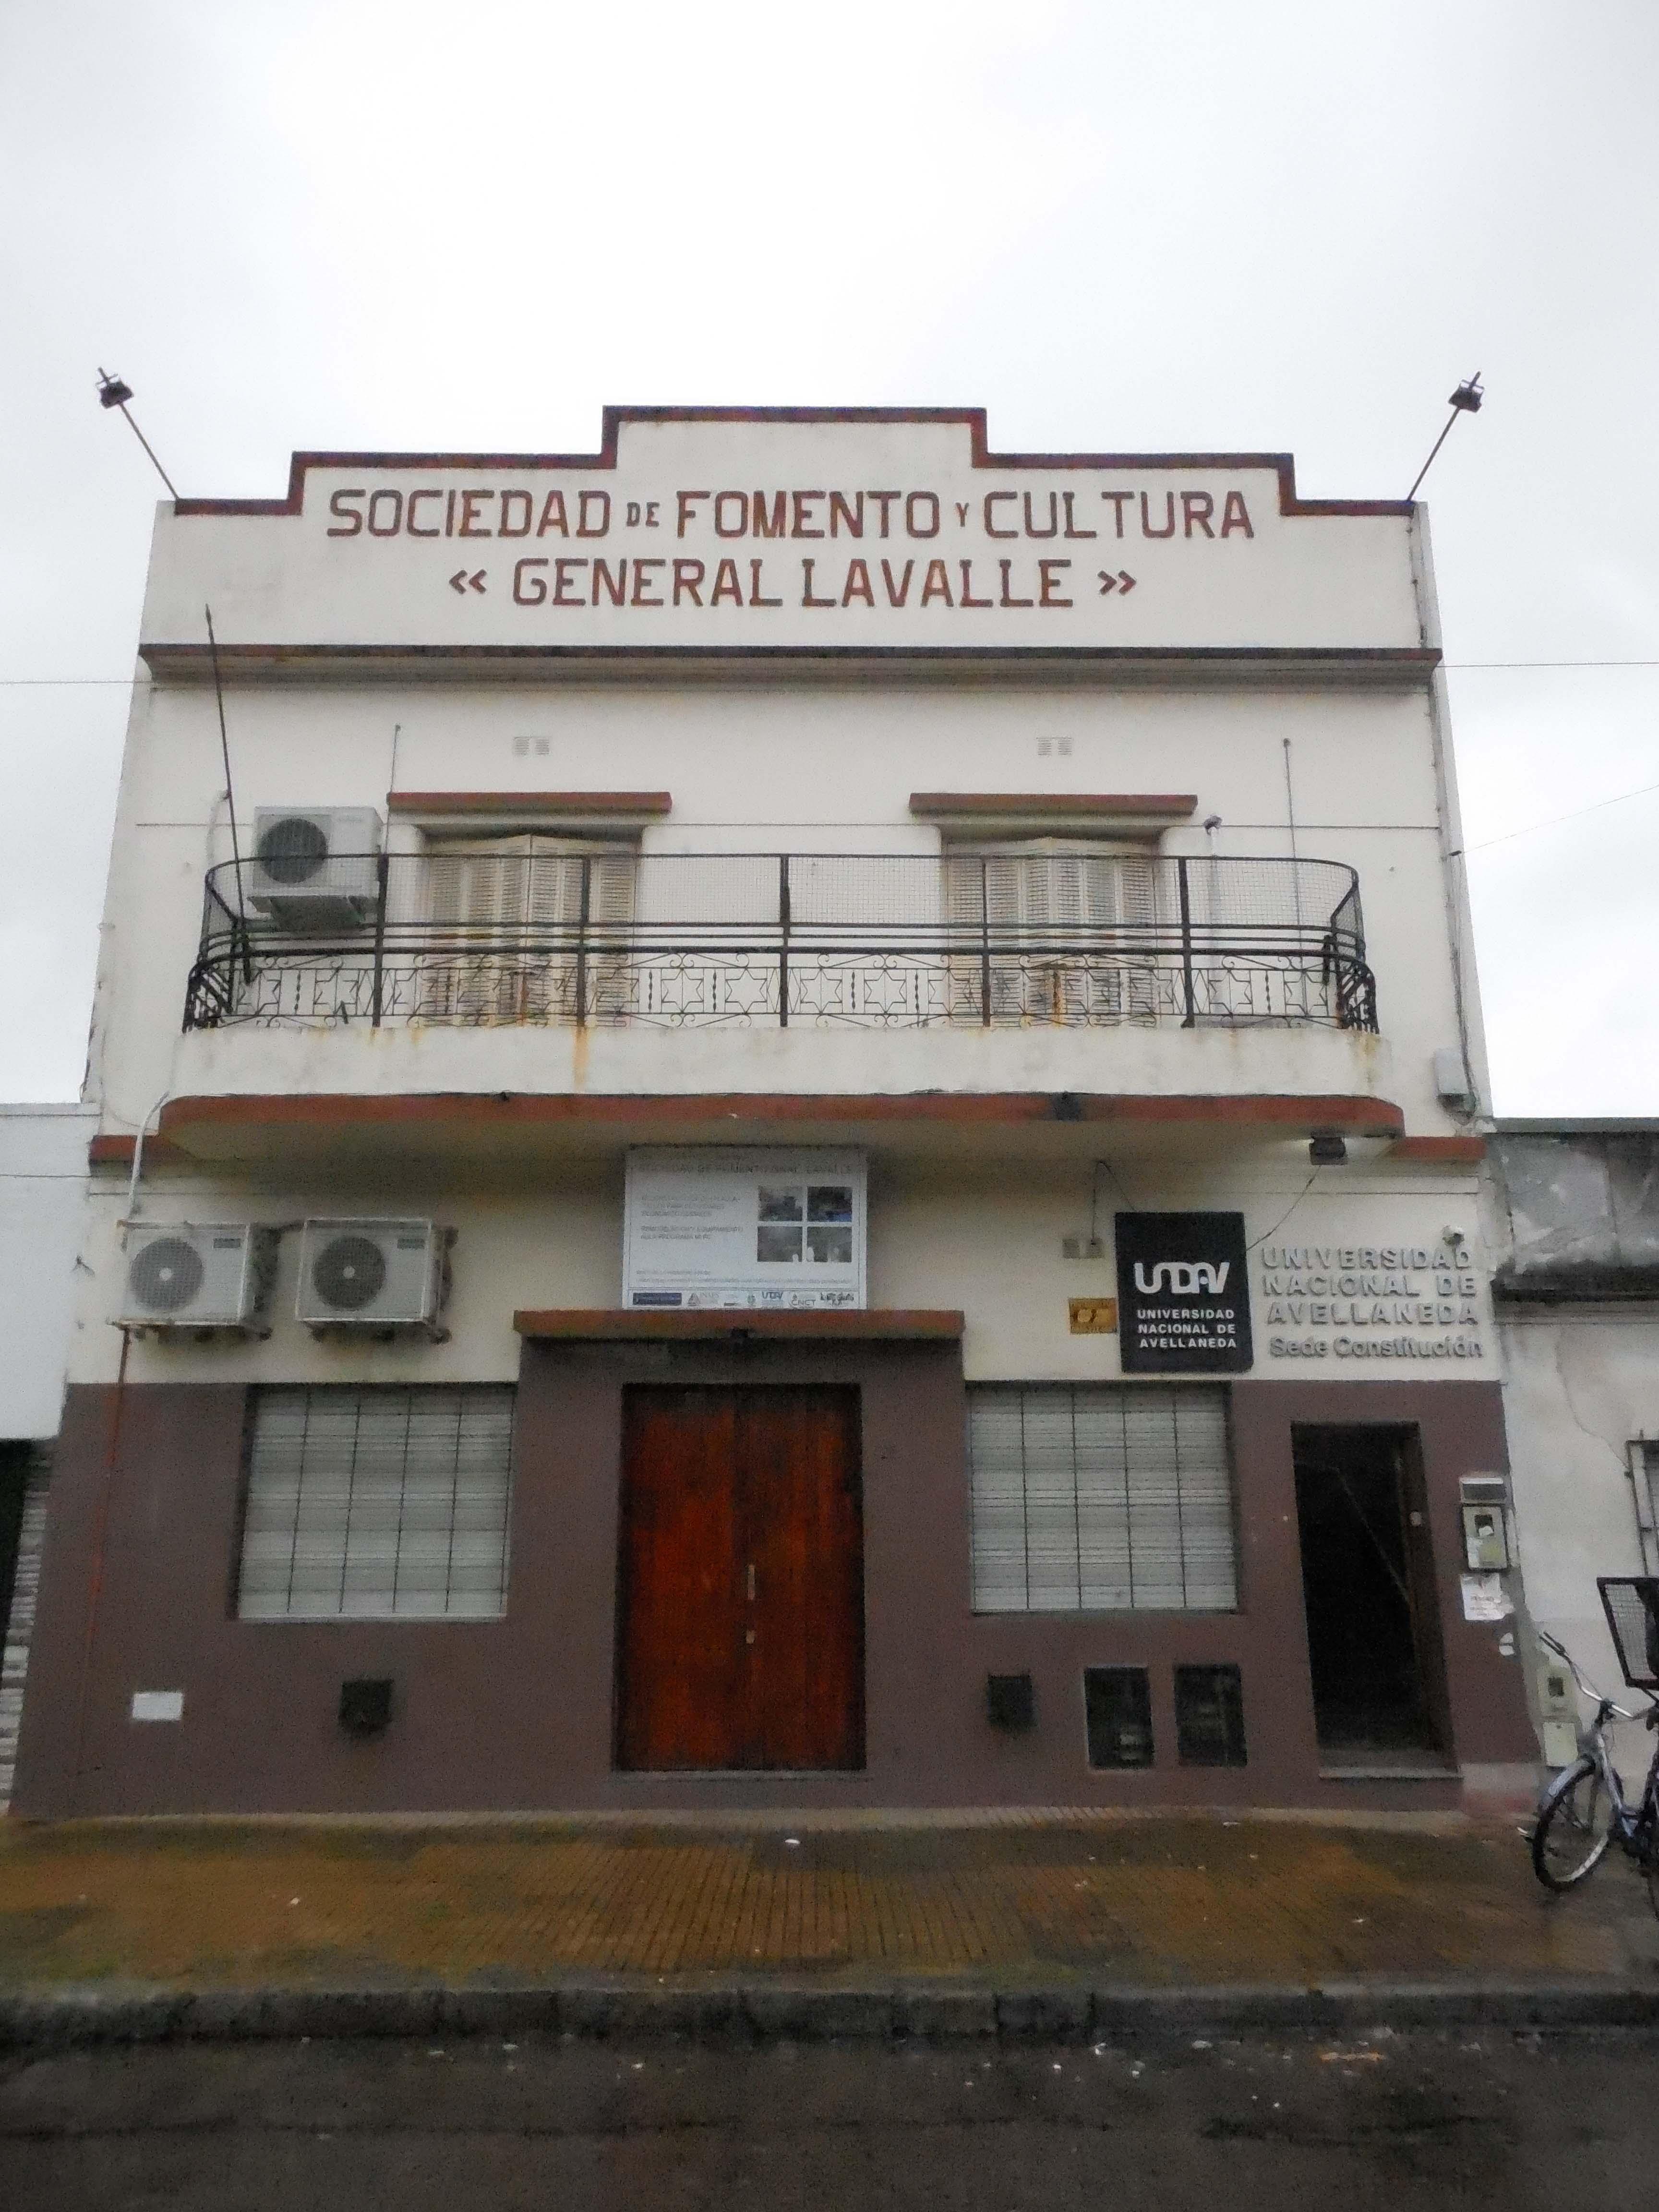 Sociedad de Fomento Gral. Lavalle - Sociedad de Fomento y Cultura Gral. Lavalle